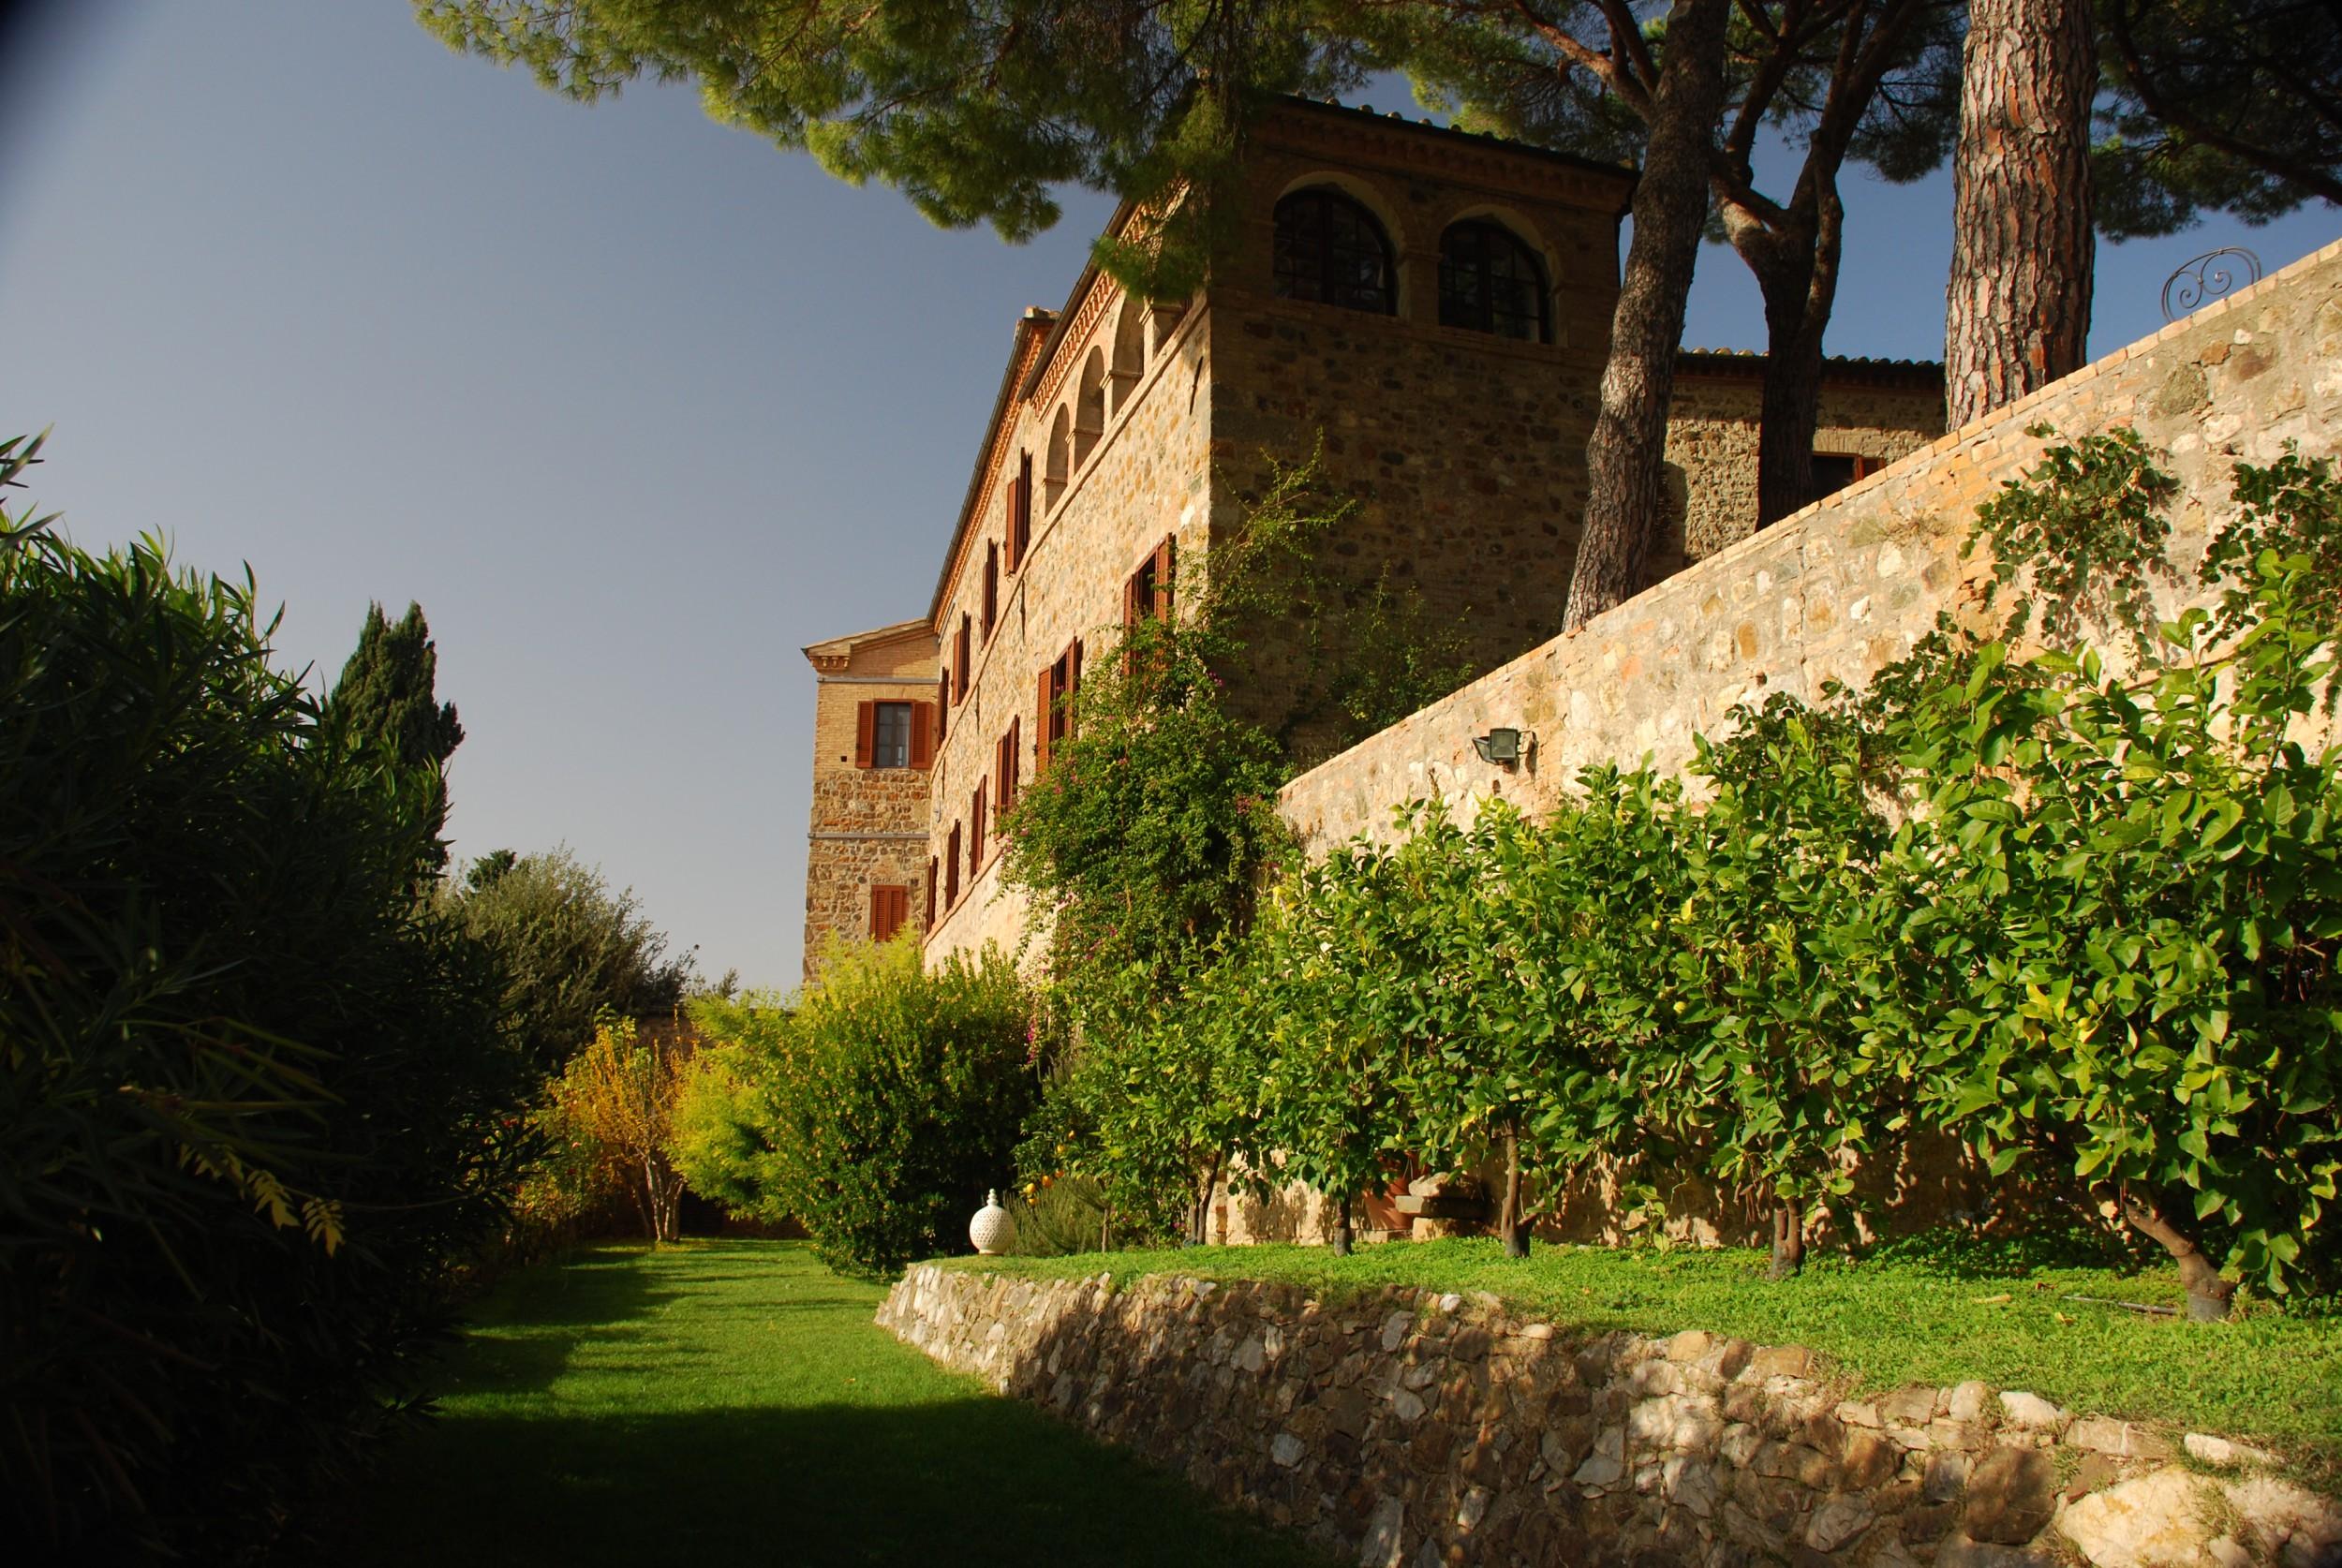 camigliano-winery-novembre-2009-006.jpg